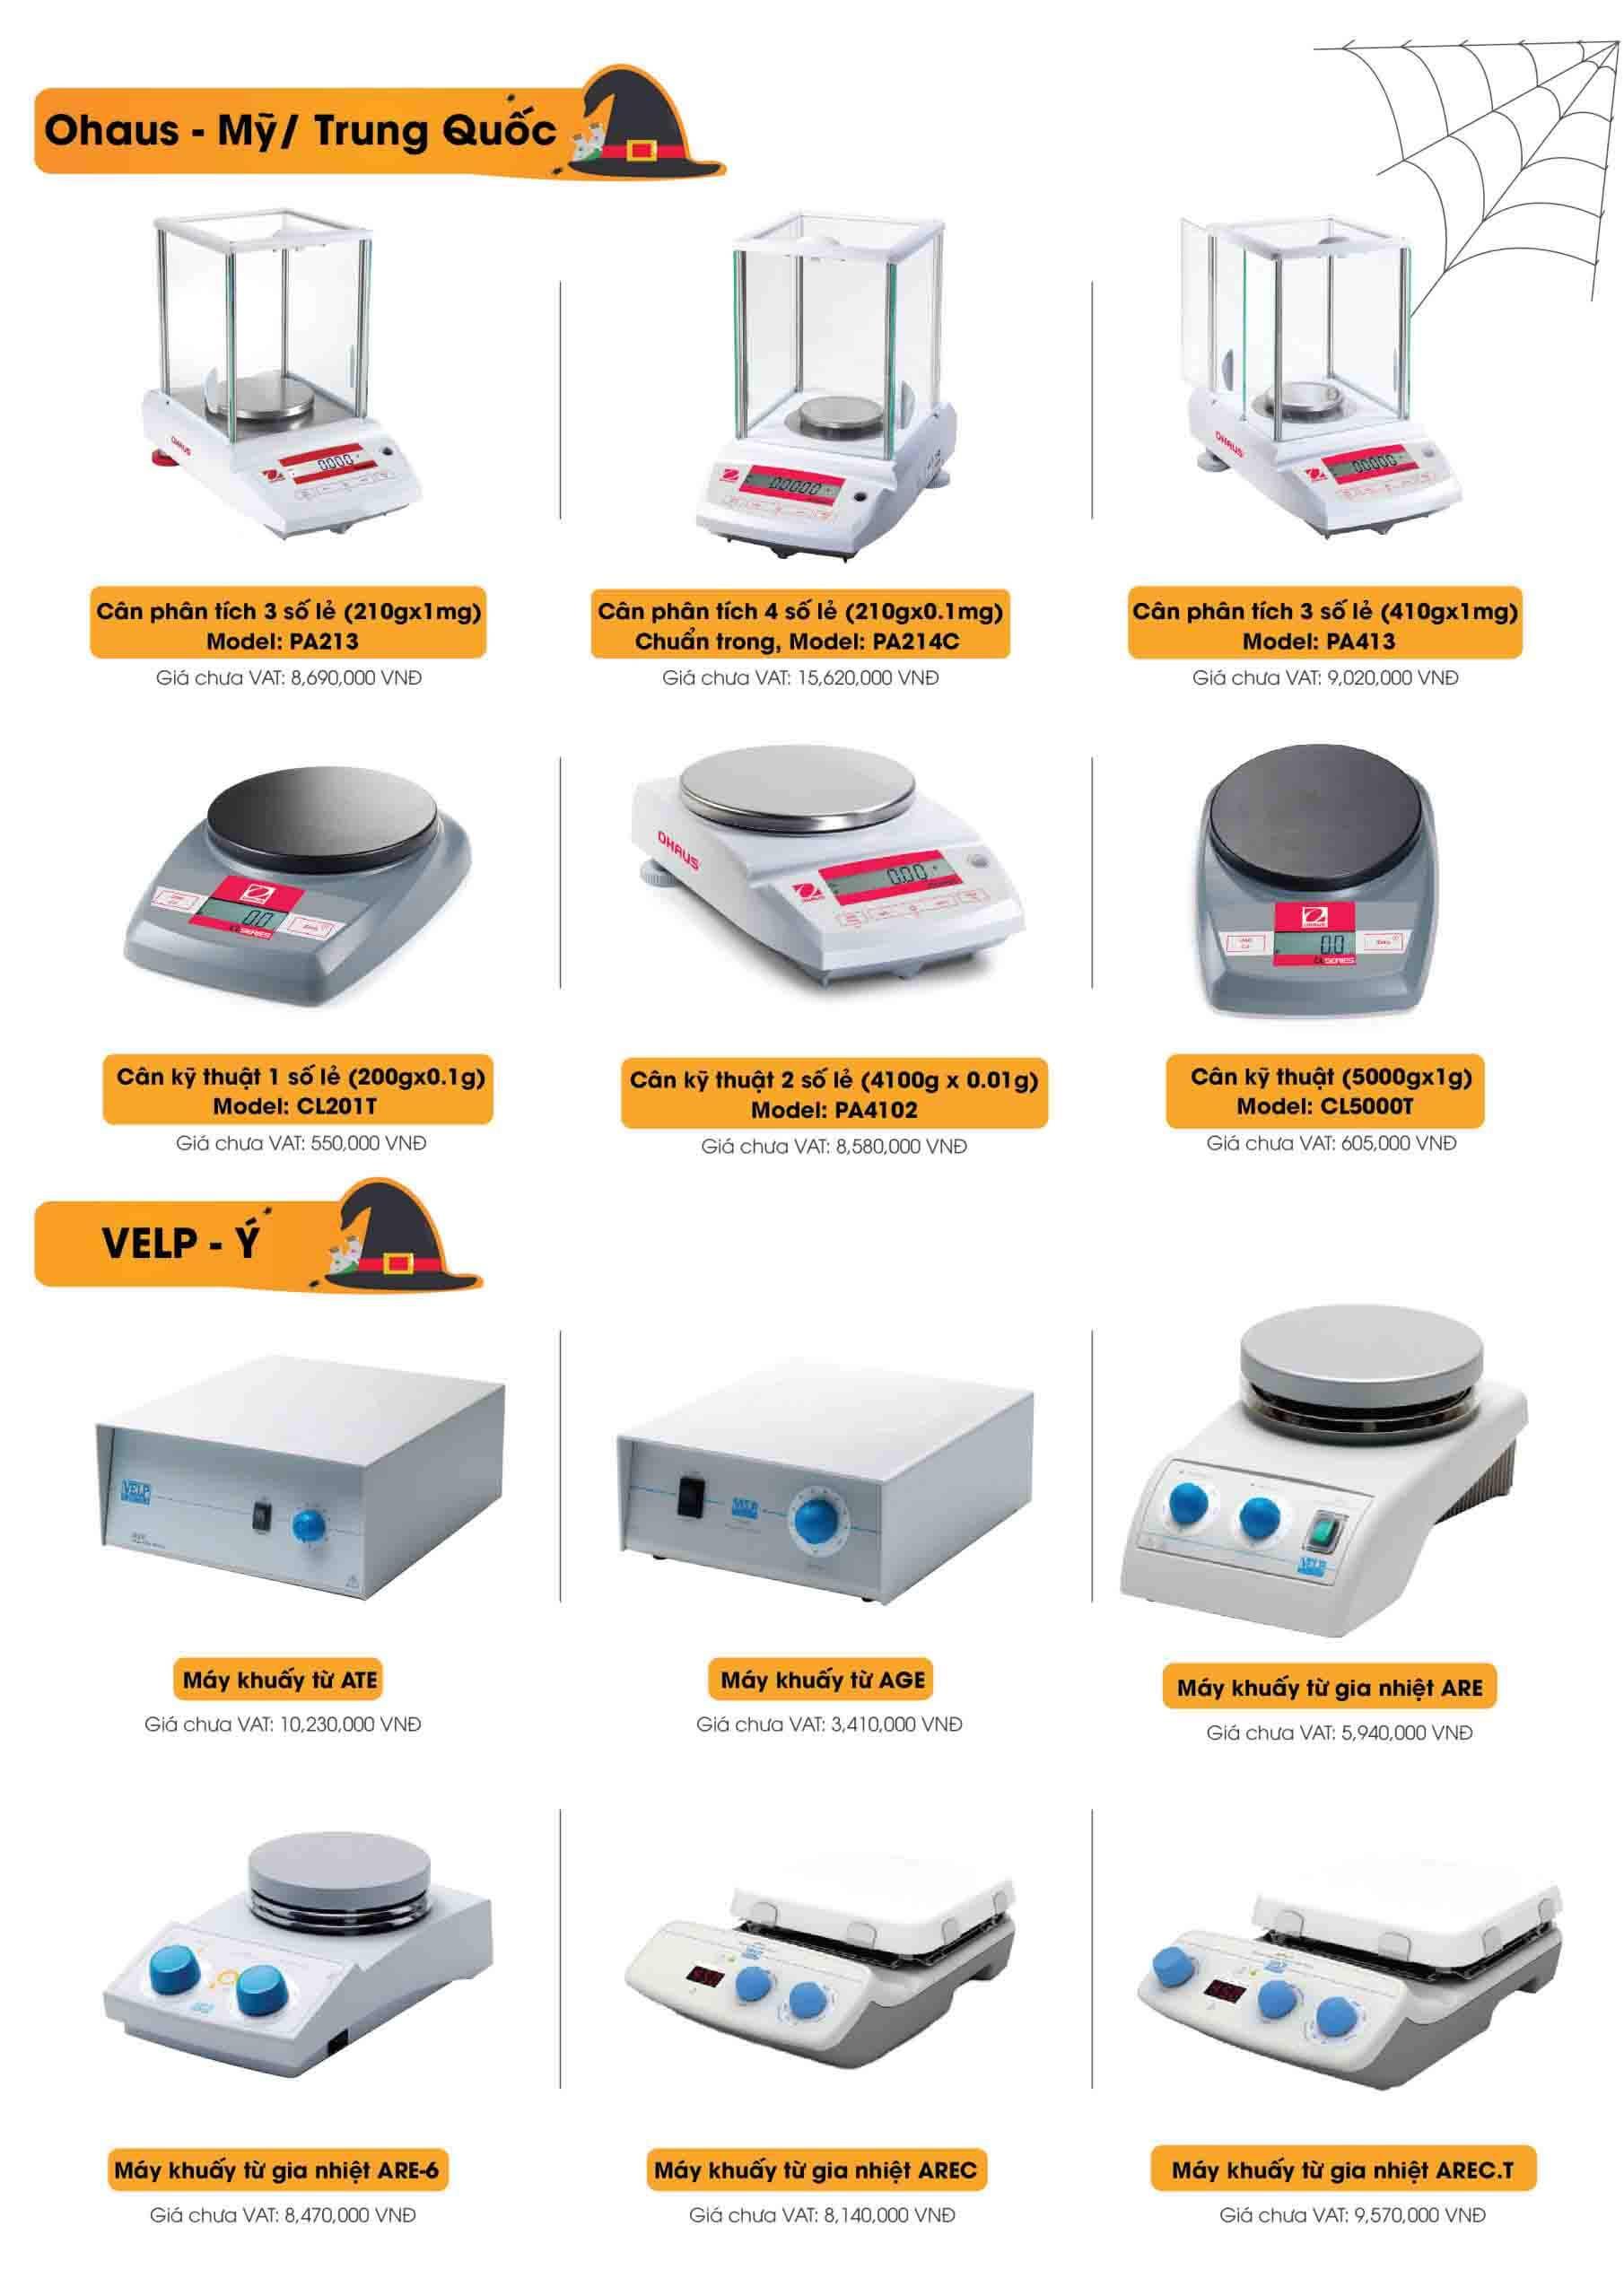 Cân phân tích, kỹ thuật và máy khuấy từ